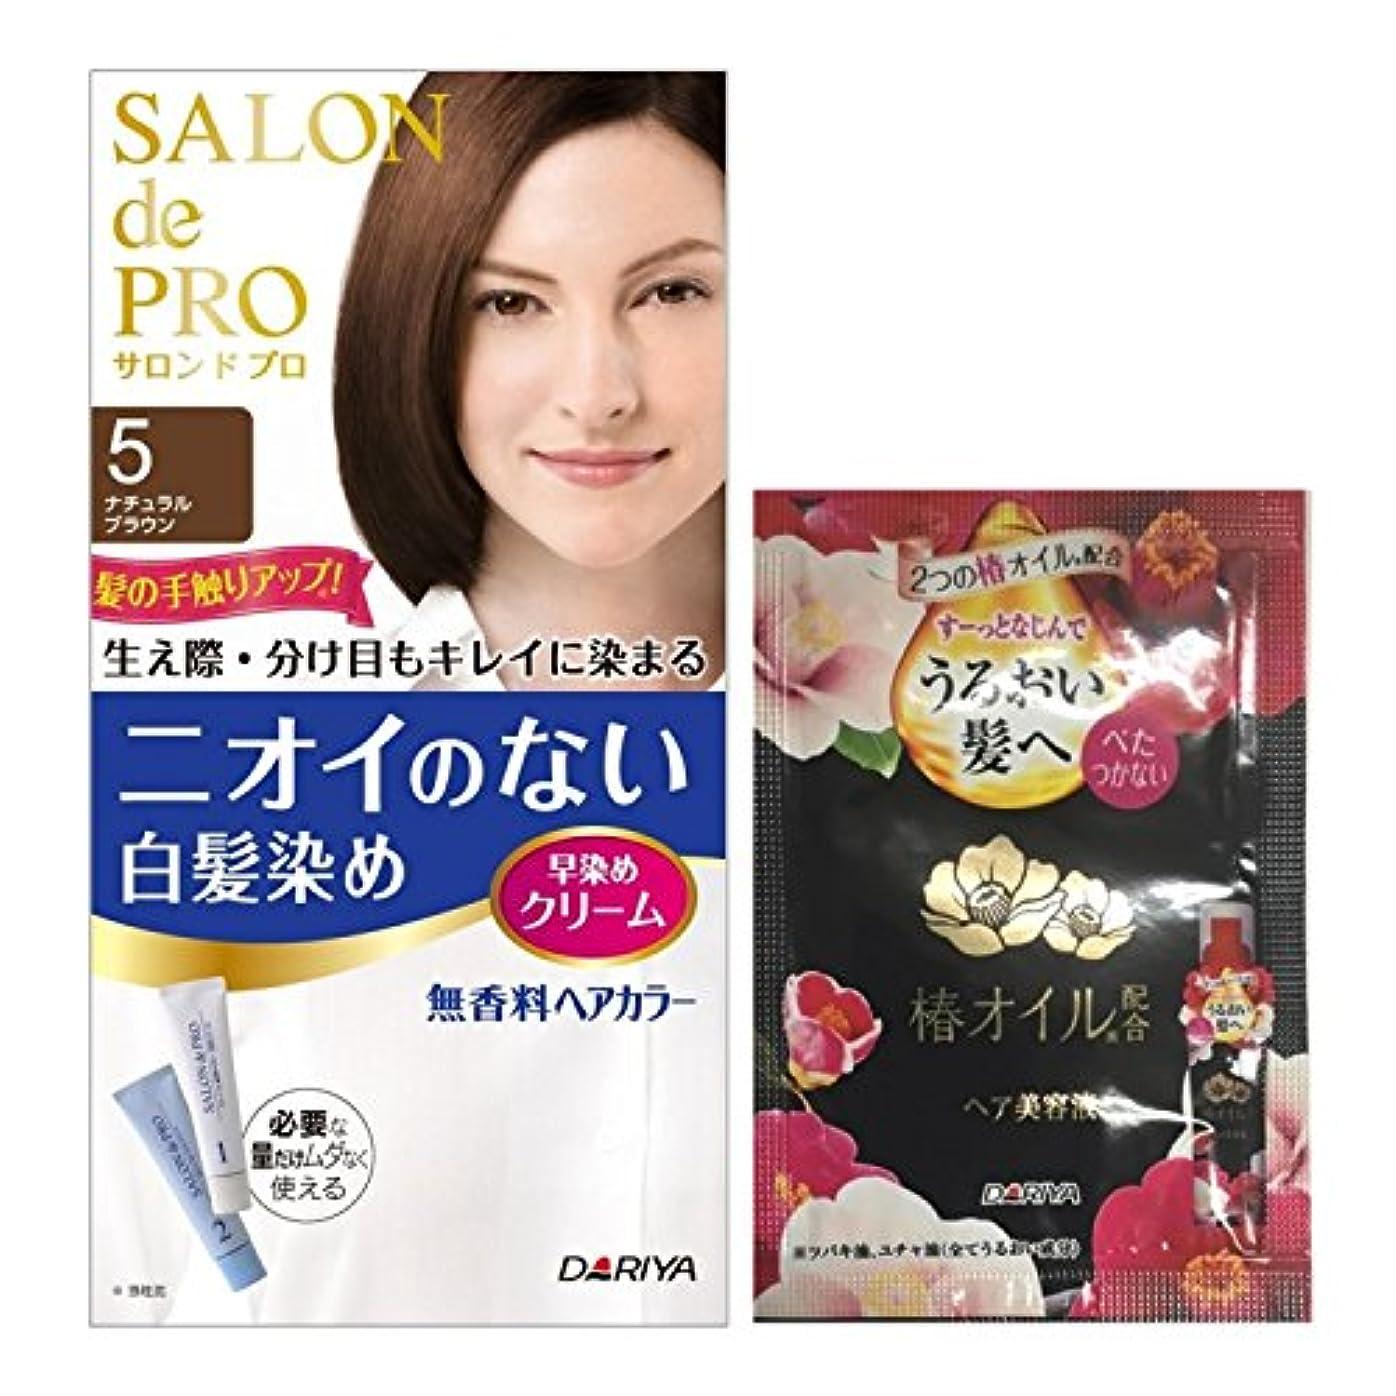 【サンプル付き】サロンドプロ無香料ヘアクリーム早染めクリーム5 椿オイル美容液景品付